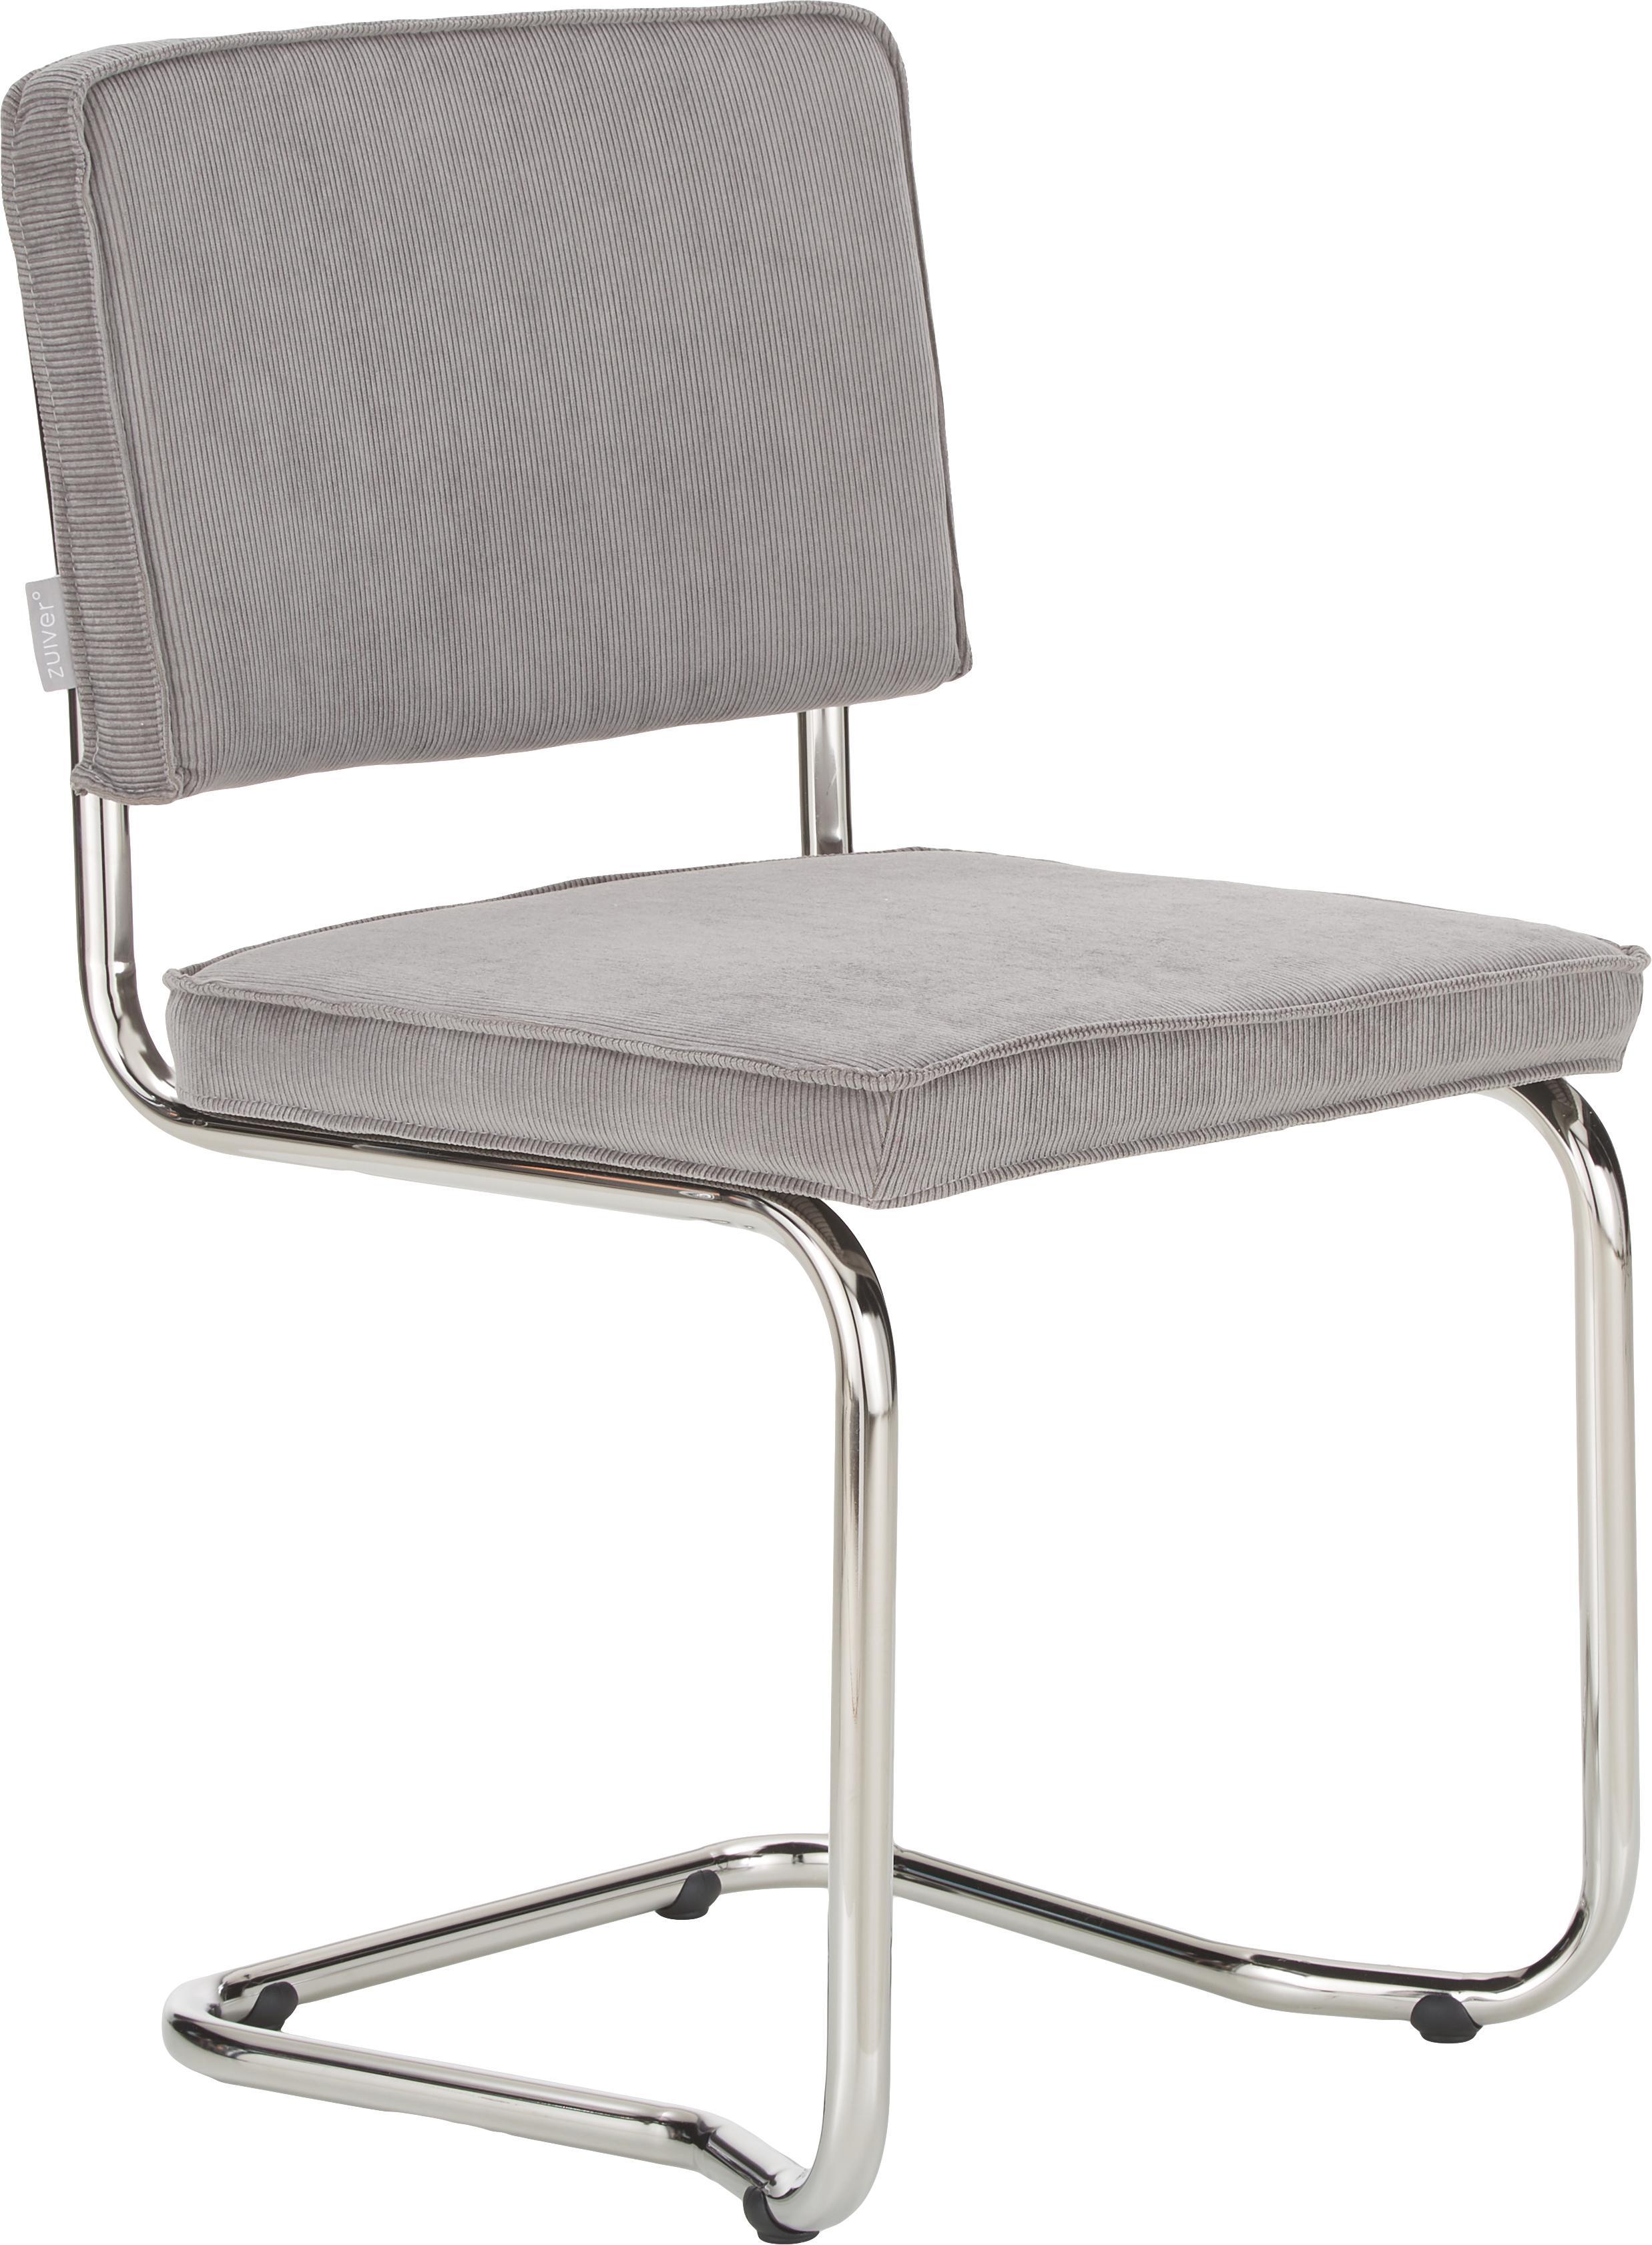 Cantilever stoel Ridge Kink Chair, Bekleding: 88% nylon, 12% polyester, Frame: verchroomd metaal, Koord lichtgrijs, B 48 x D 48 cm